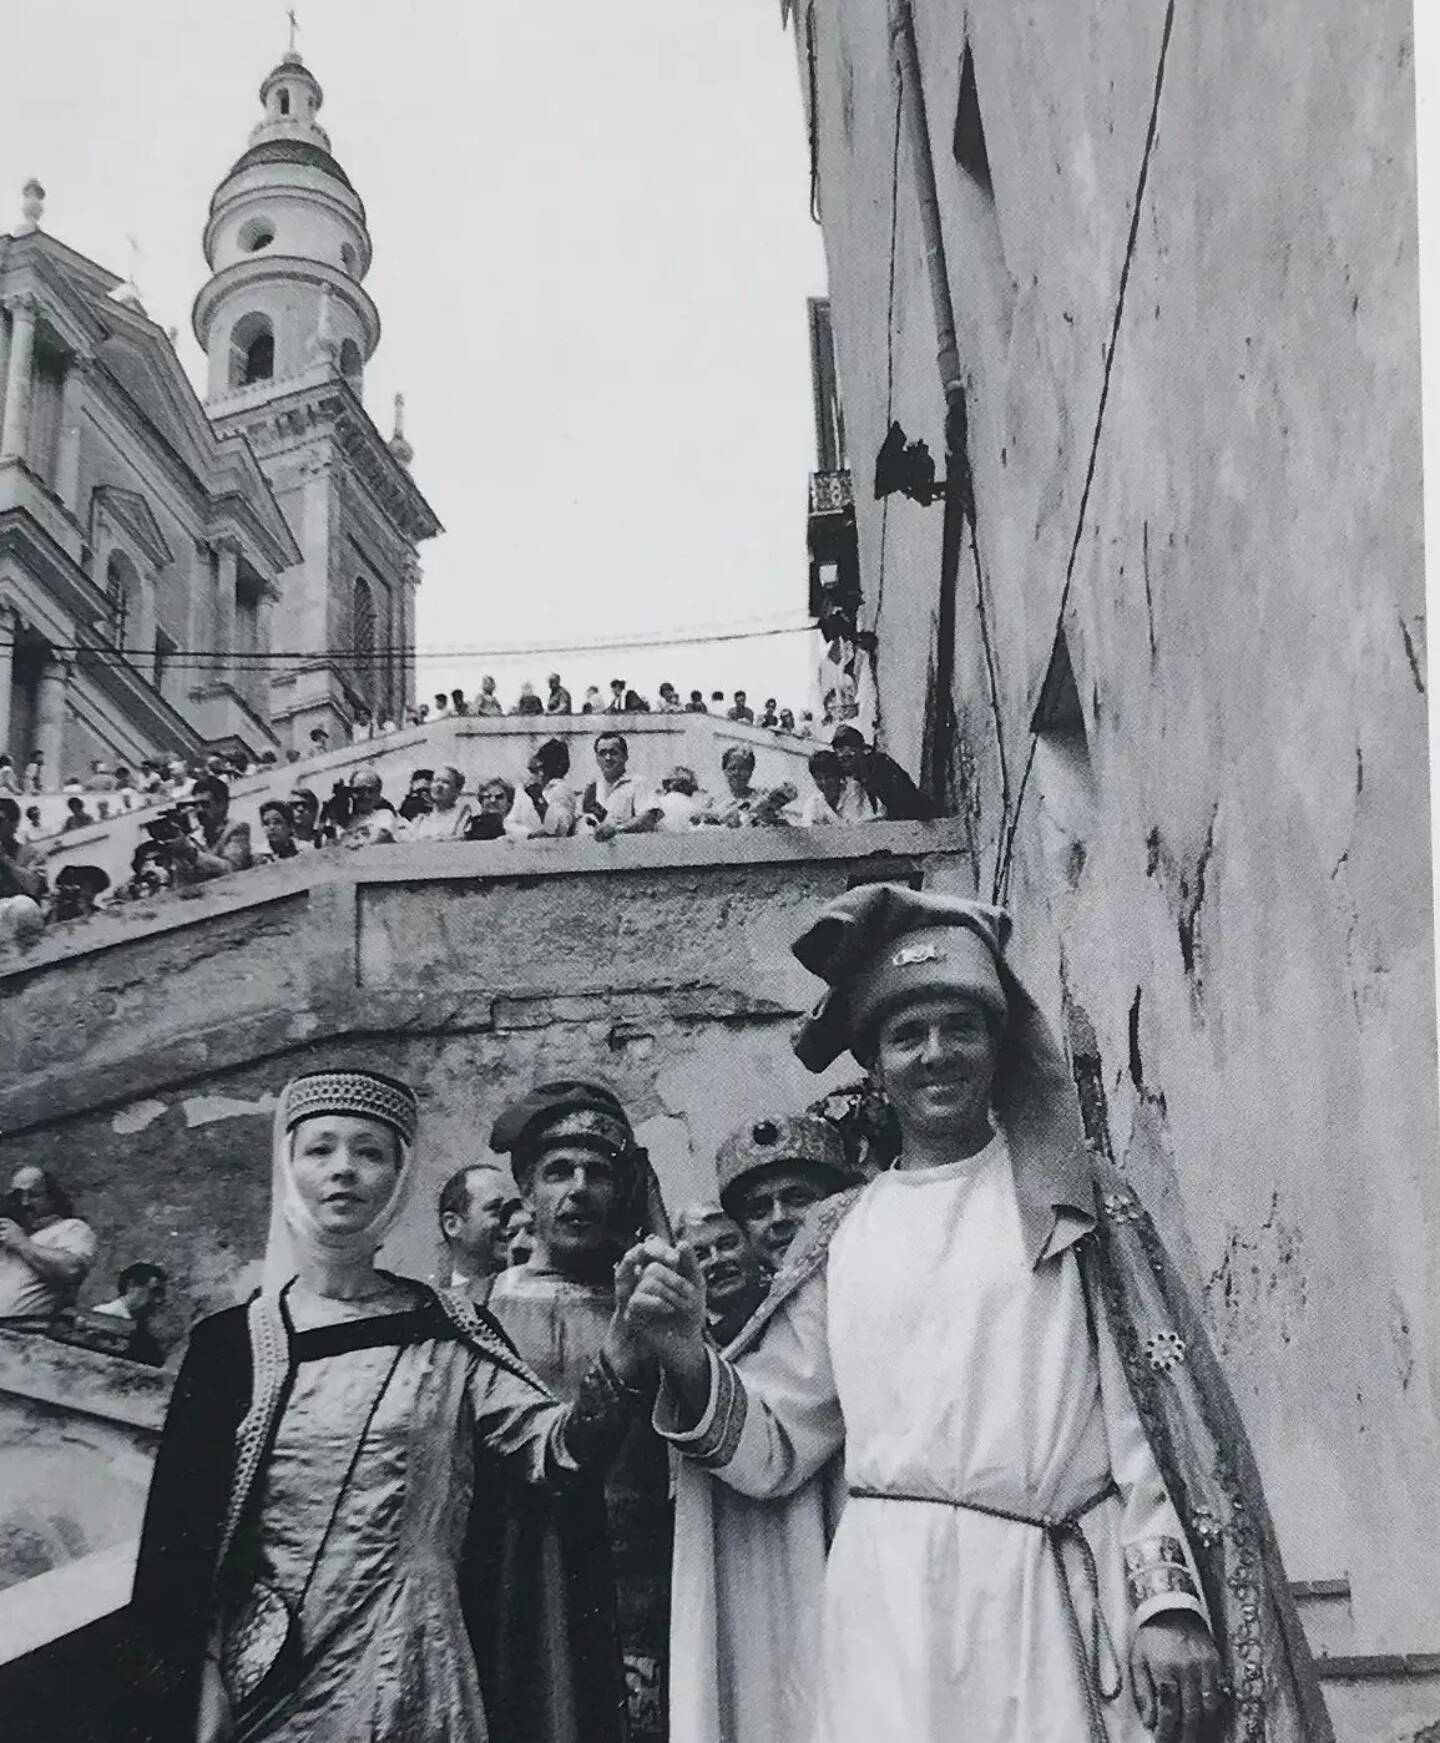 Le cadre majestueux des rampes Saint-Michel et du parvis de la basilique a accueilli de nombreuses manifestations. Ici, en 1990, les Mentonnais fêtent les 700 ans de la cité mentonnaise. Tous les ans, la procession de la traditionnelle fête de la Saint-Pierre passe également par les rampes.